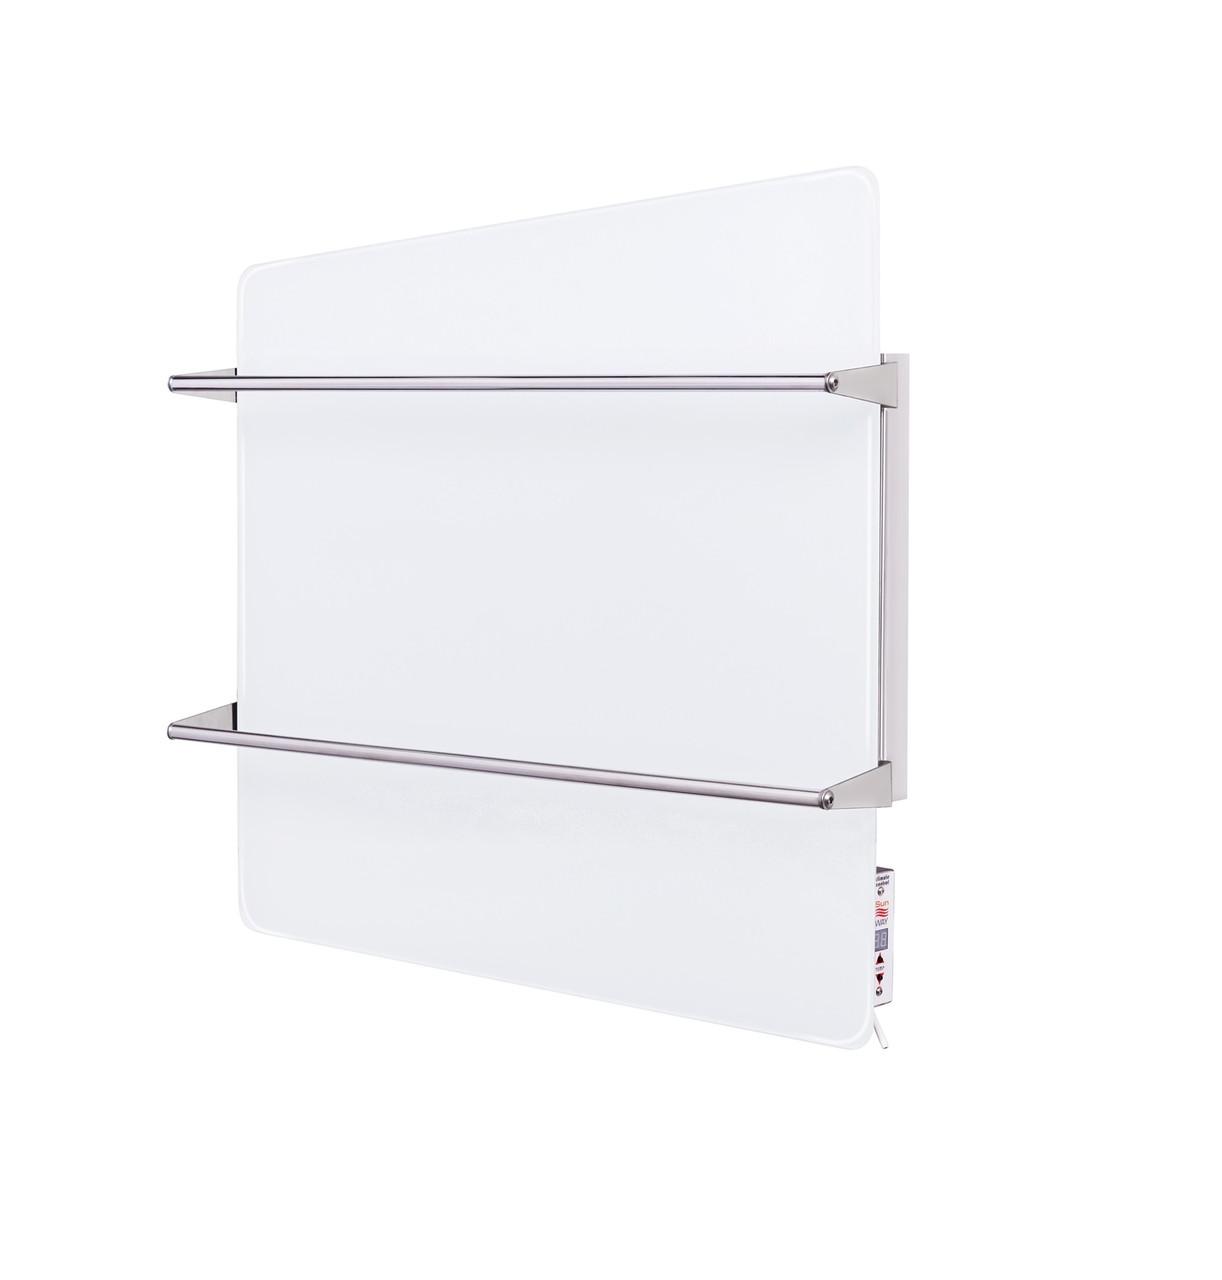 Інфрачервоний полотенцесушитель SunWay SWGT-RA 400 Вт. з терморегулятором, скло-нерж. 600х600мм. Україна,